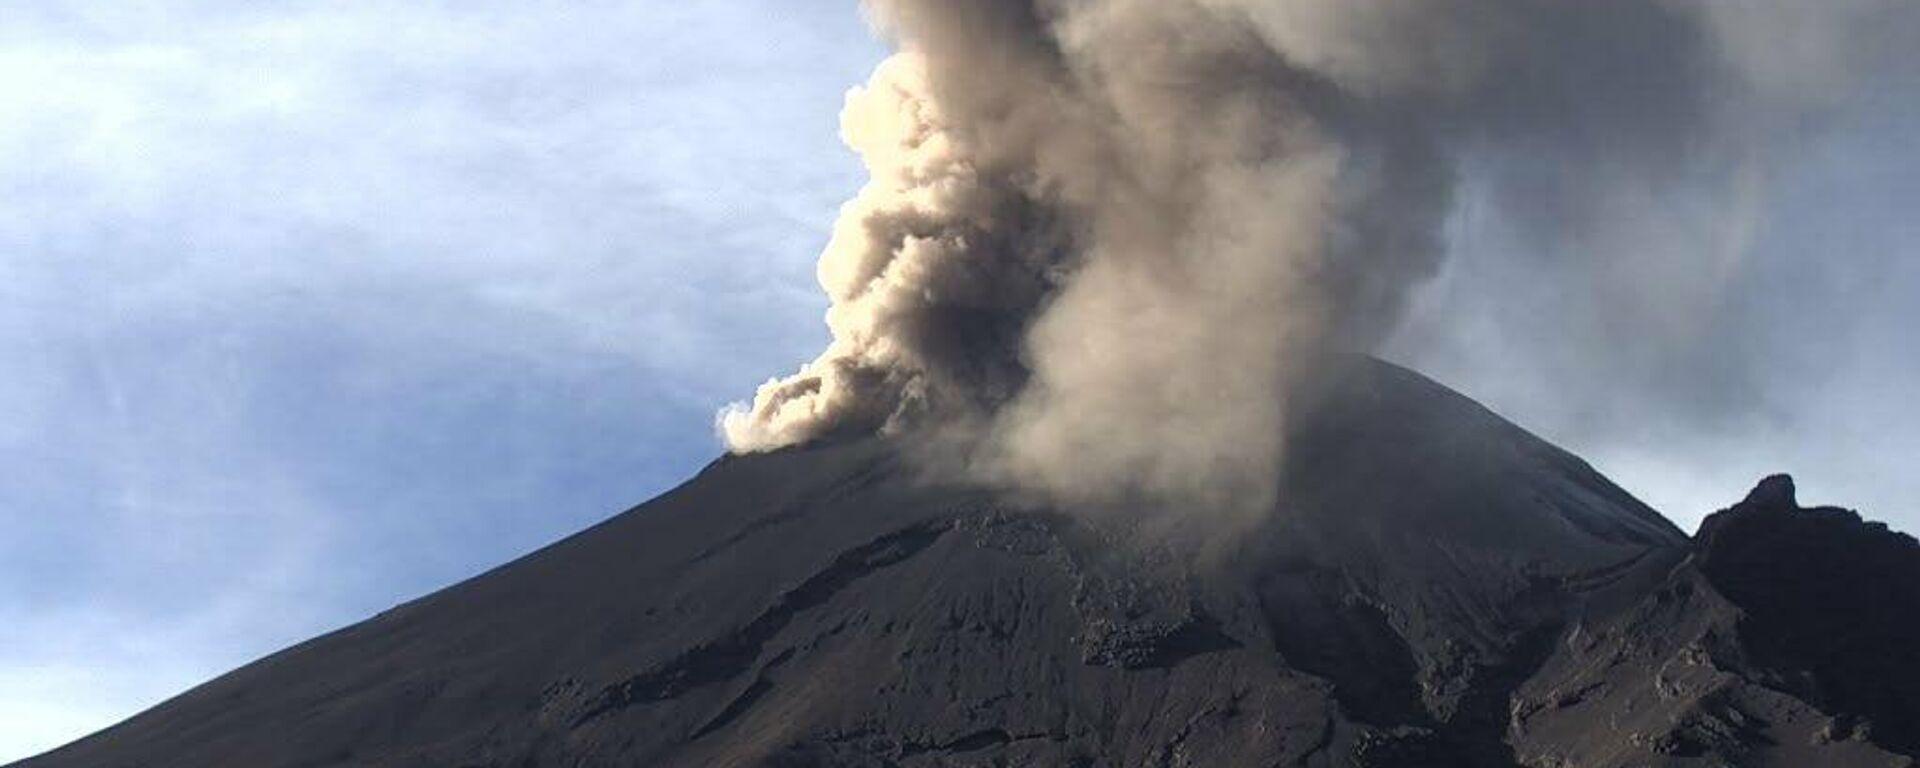 Volcán Popocatépetl - Sputnik Mundo, 1920, 14.09.2021